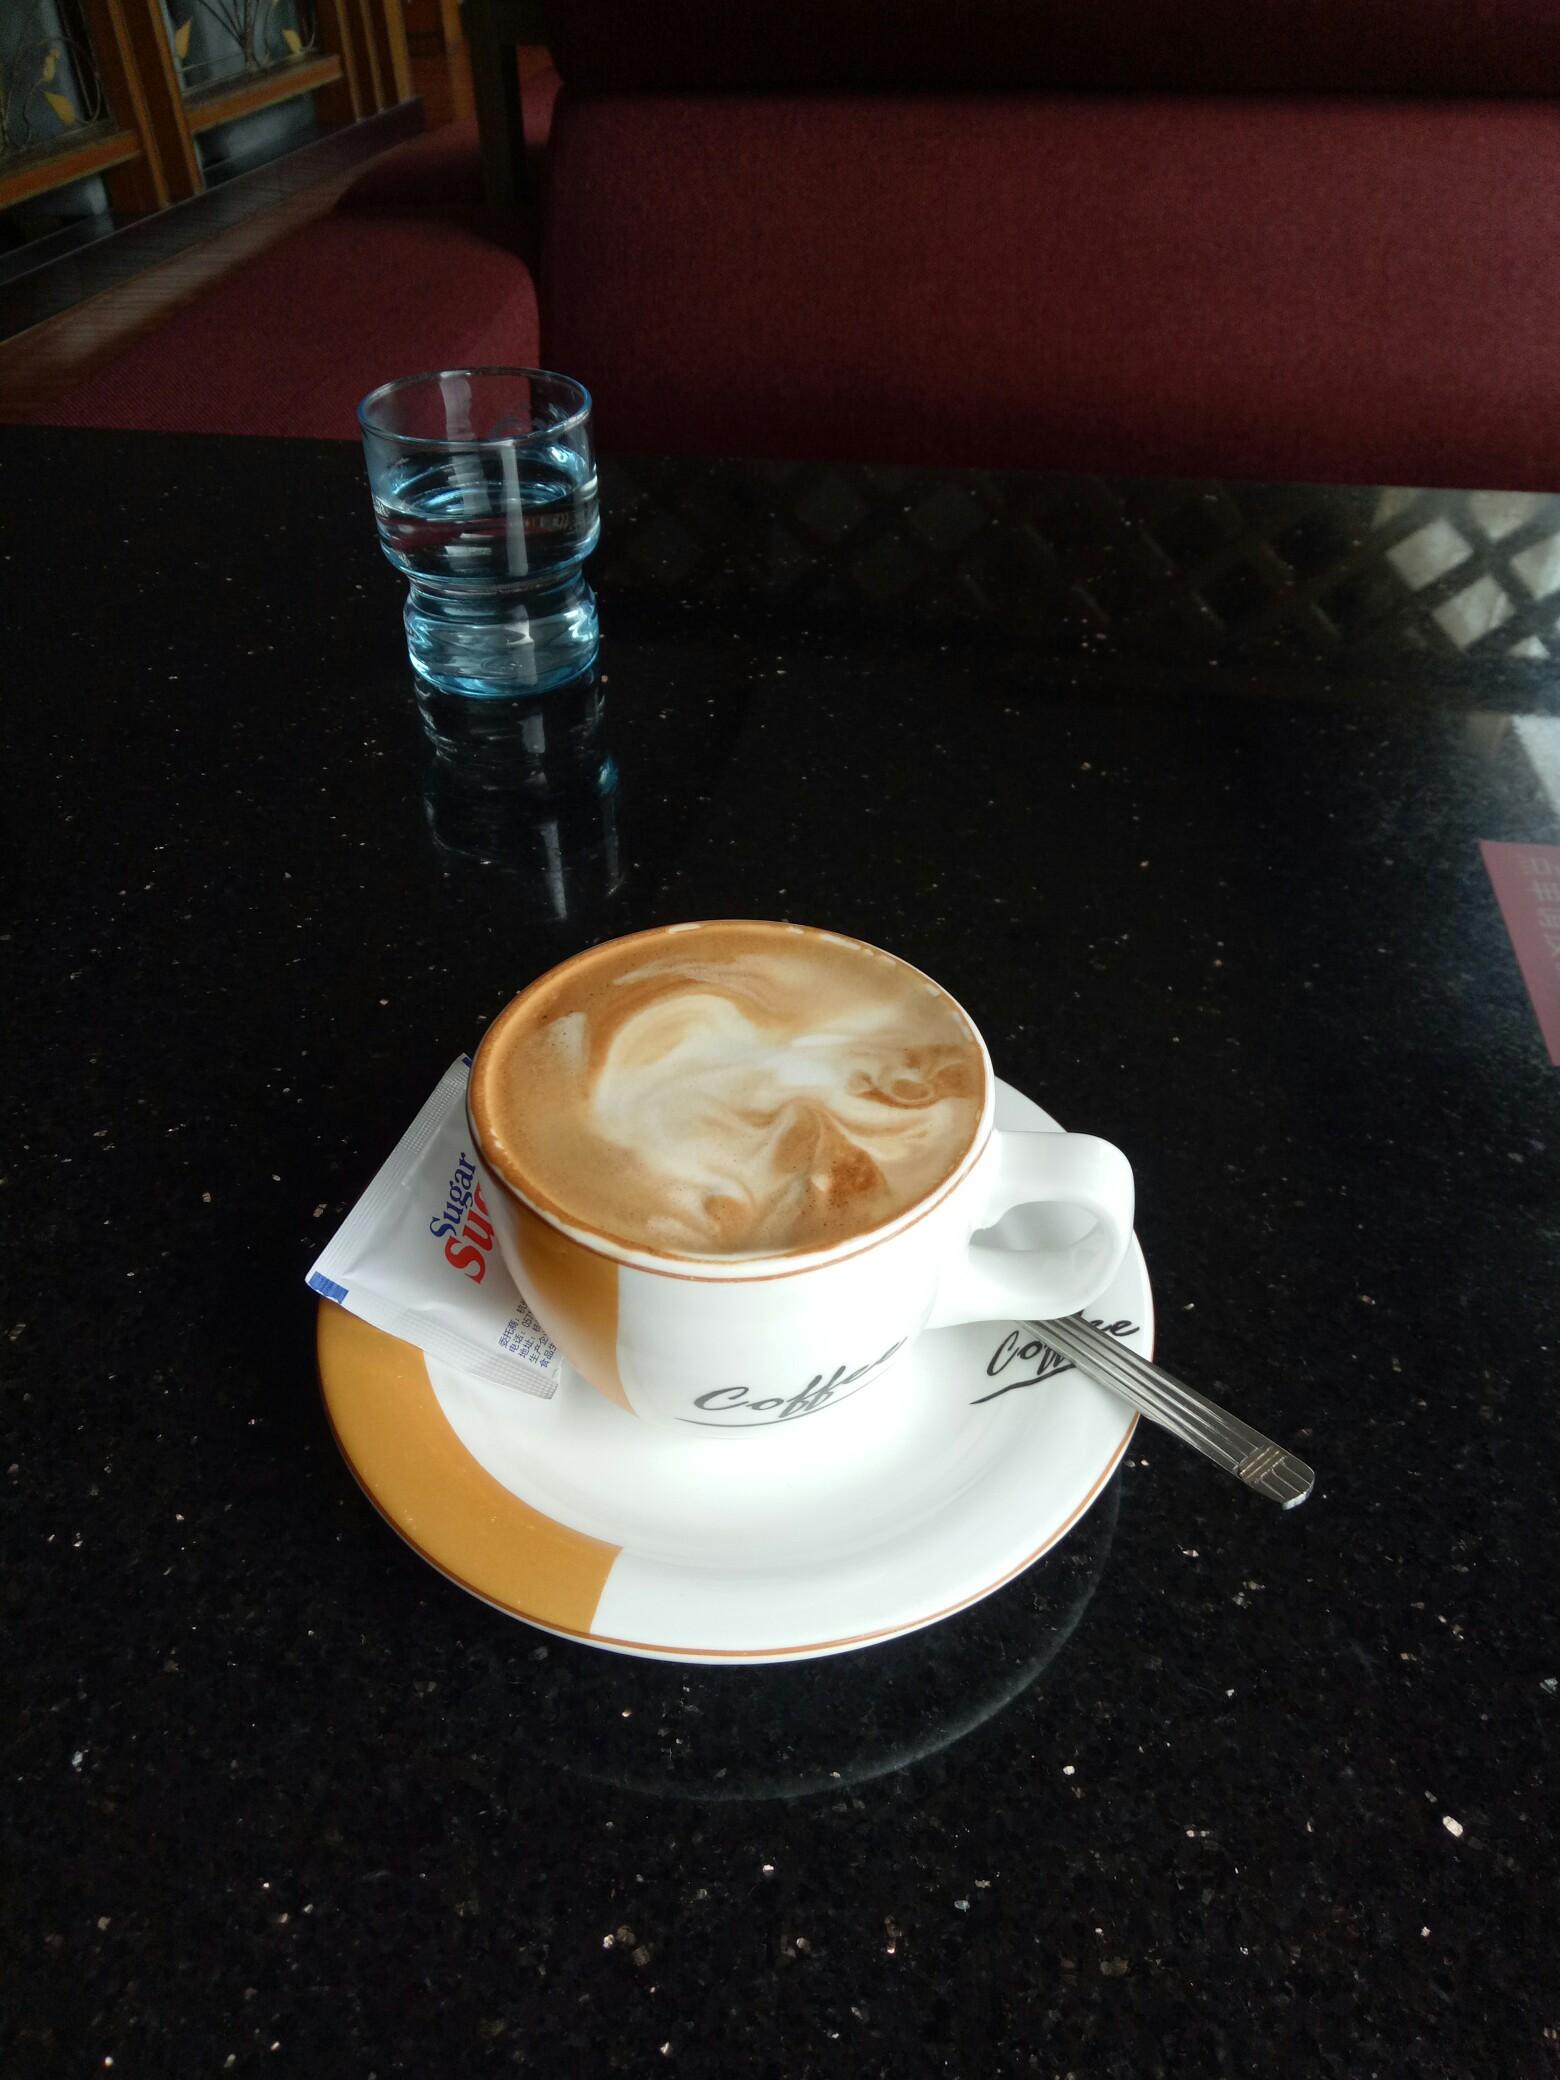 一个人喝咖啡,一个人看电影,一个人吃火锅.#秘密树洞